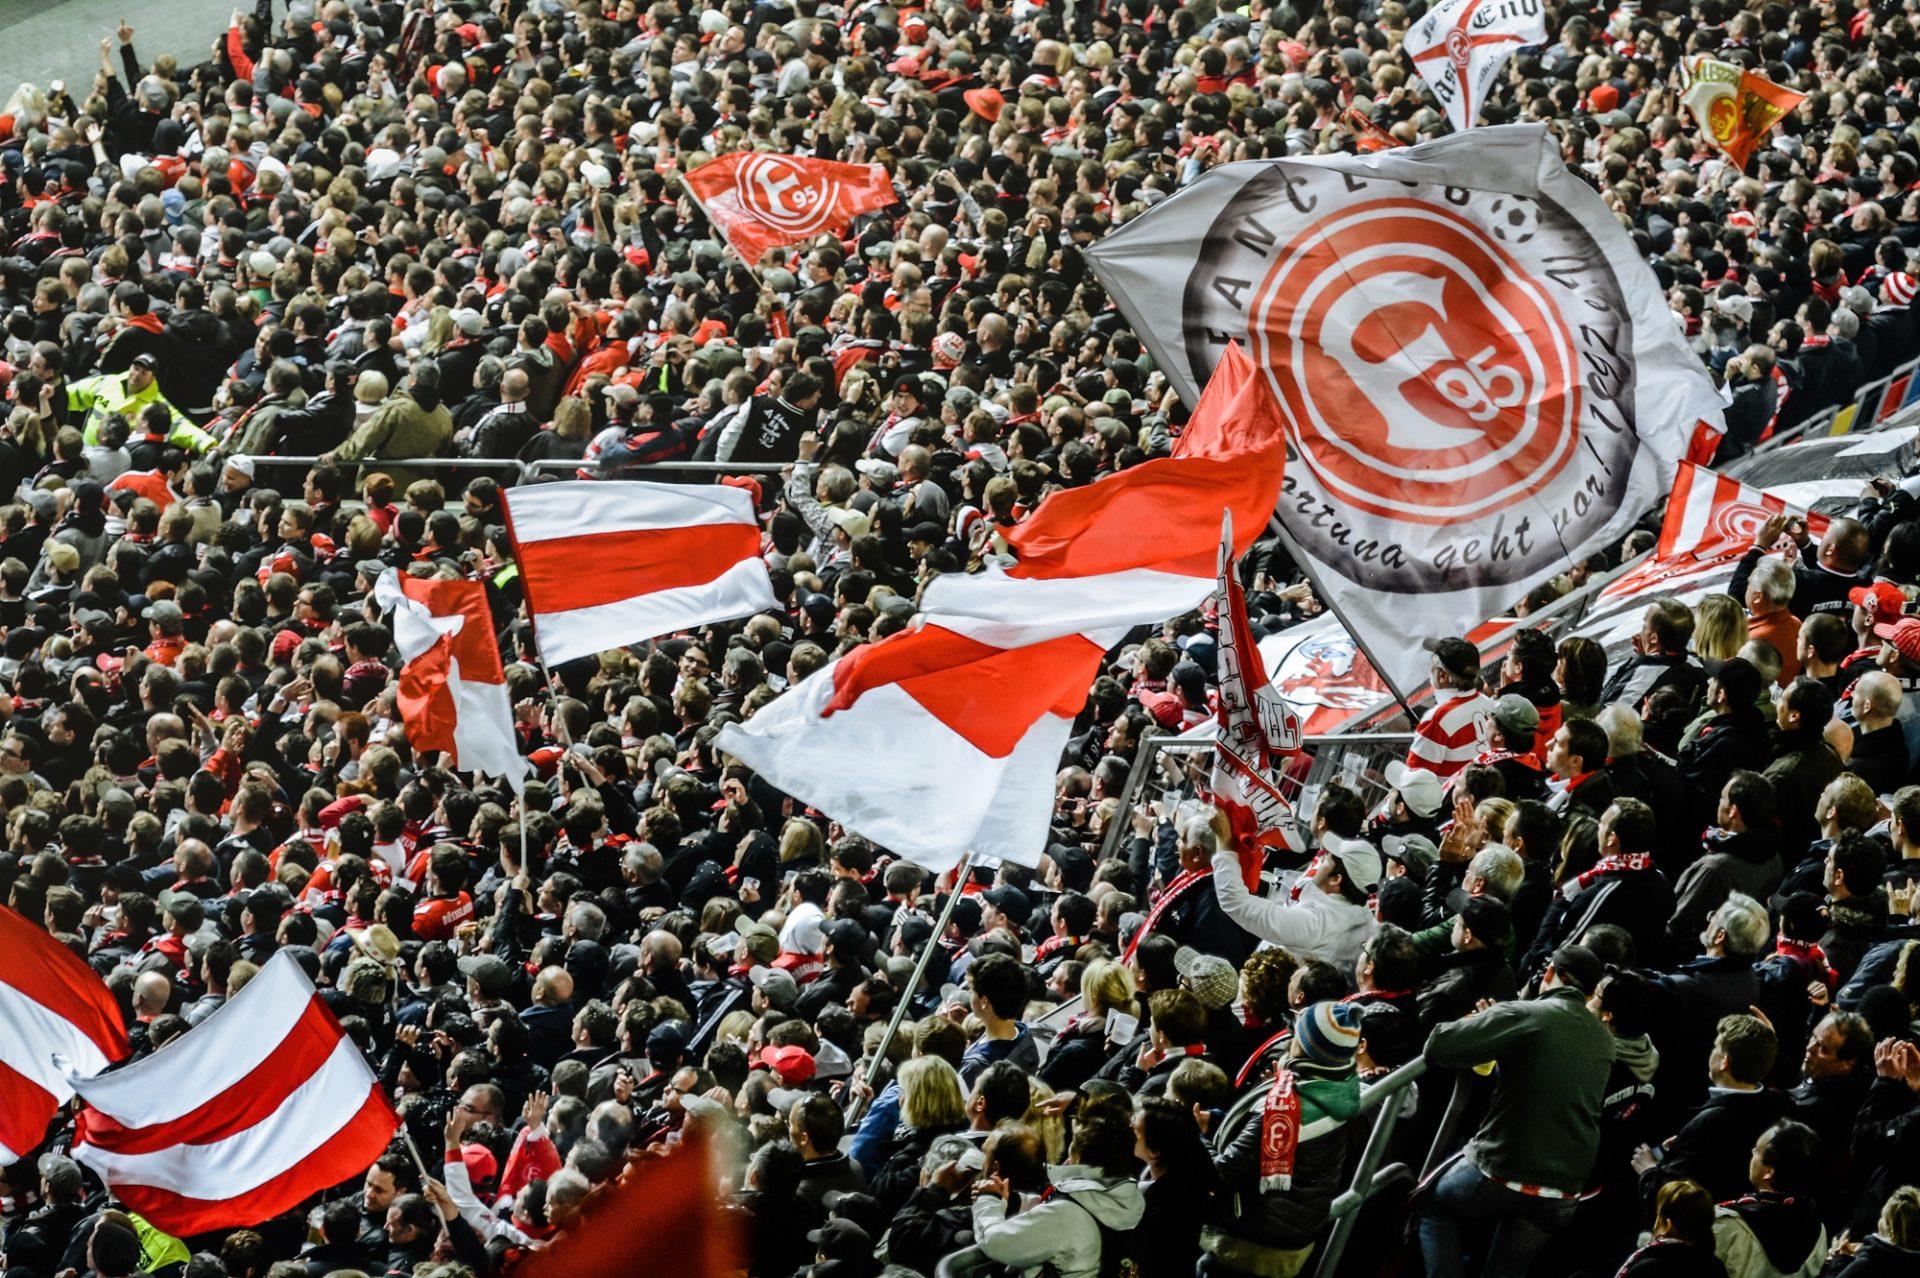 So haben die Fans von Rot-Weiß vor der Pandemie in der Arena gefeiert. Unsere Autorin erzählt von ihnen und von der ebenso herausfordernden Leidenschaft, Anhänger der peruanischen Nationalmannschaft zu sein. Foto: Andreas Endermann